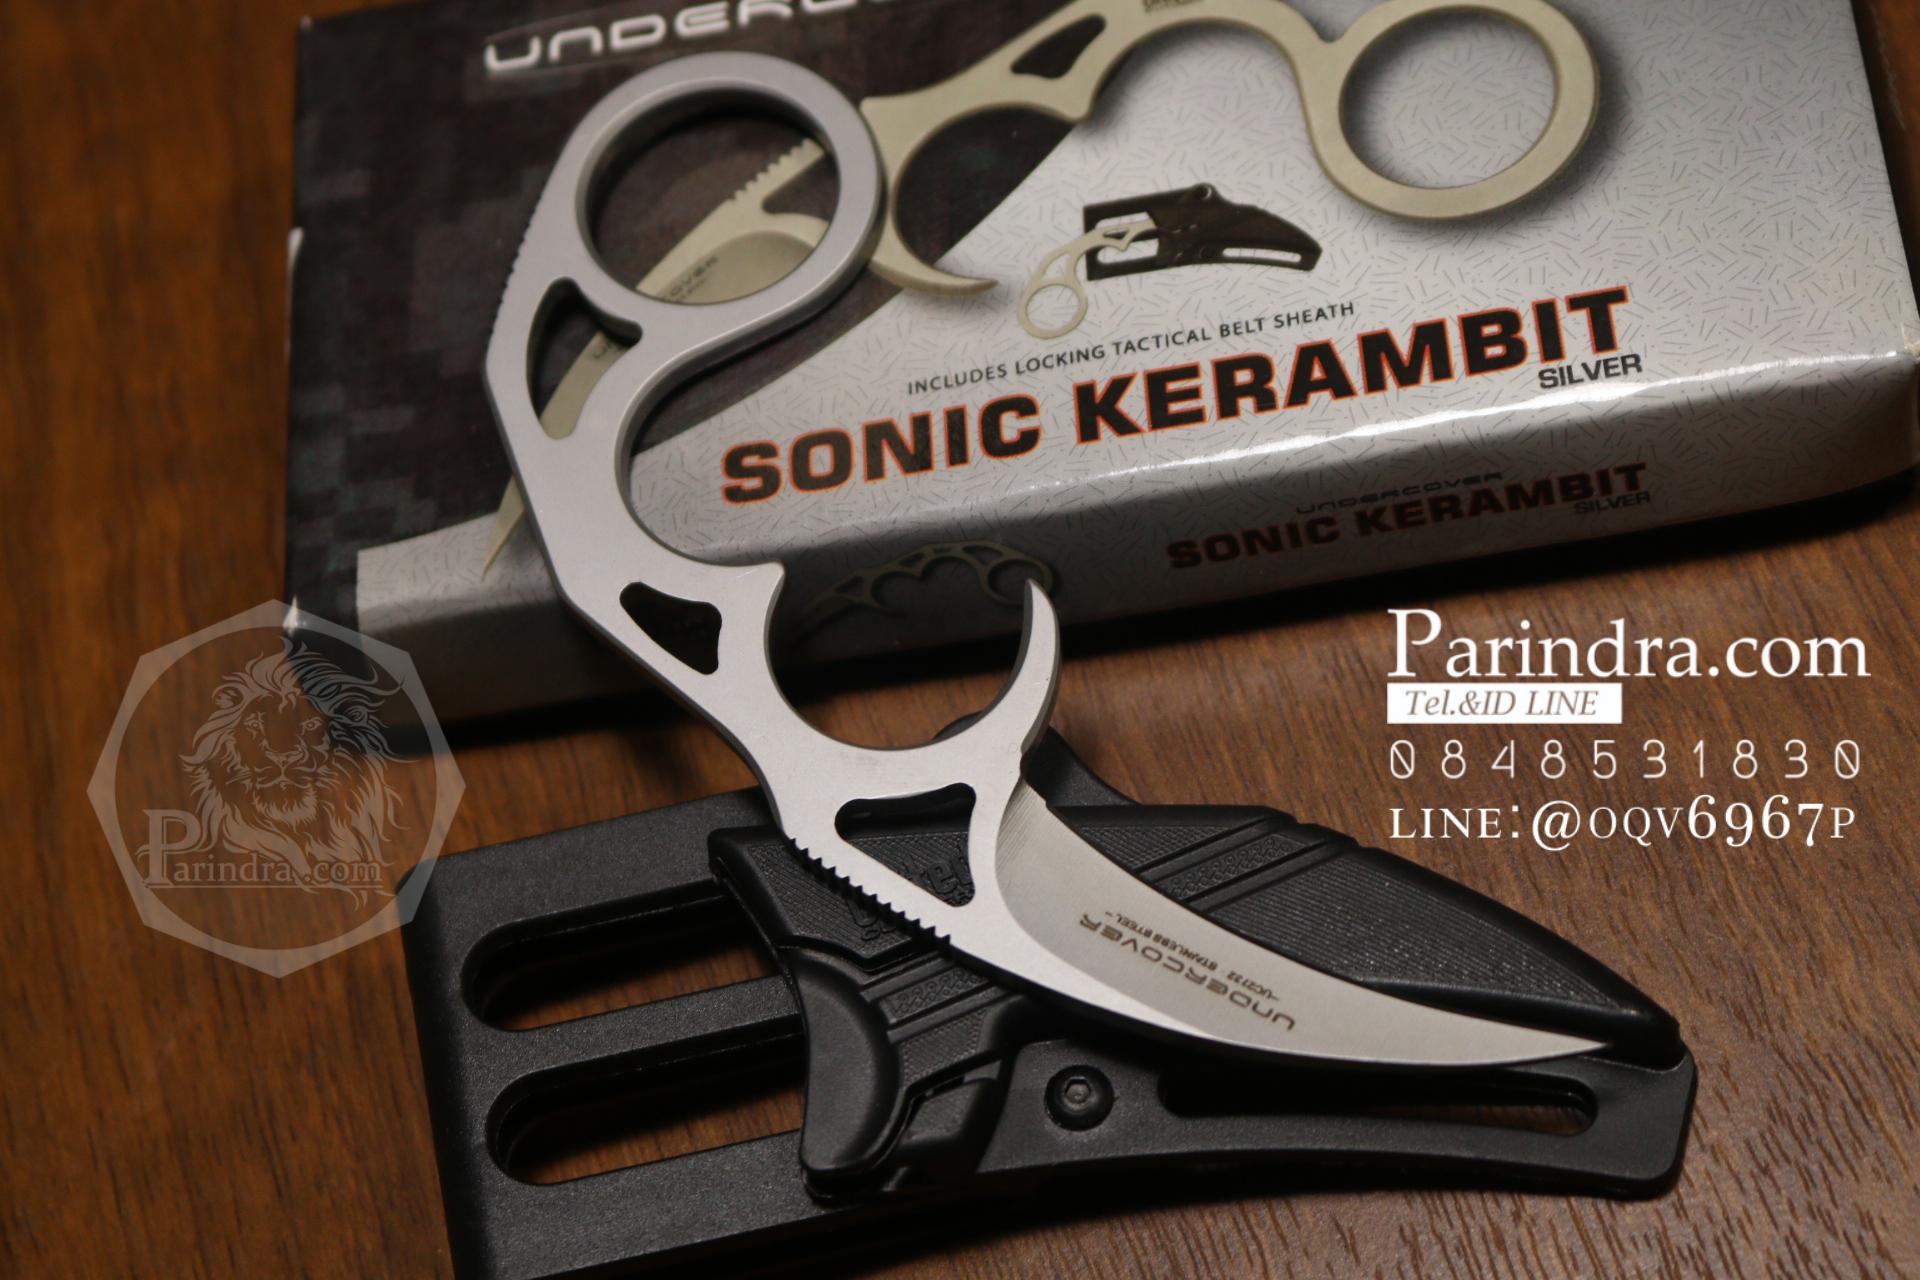 มีดคารัมบิต Sonic kerambit United Cutlery (Undercover) สีเงิน